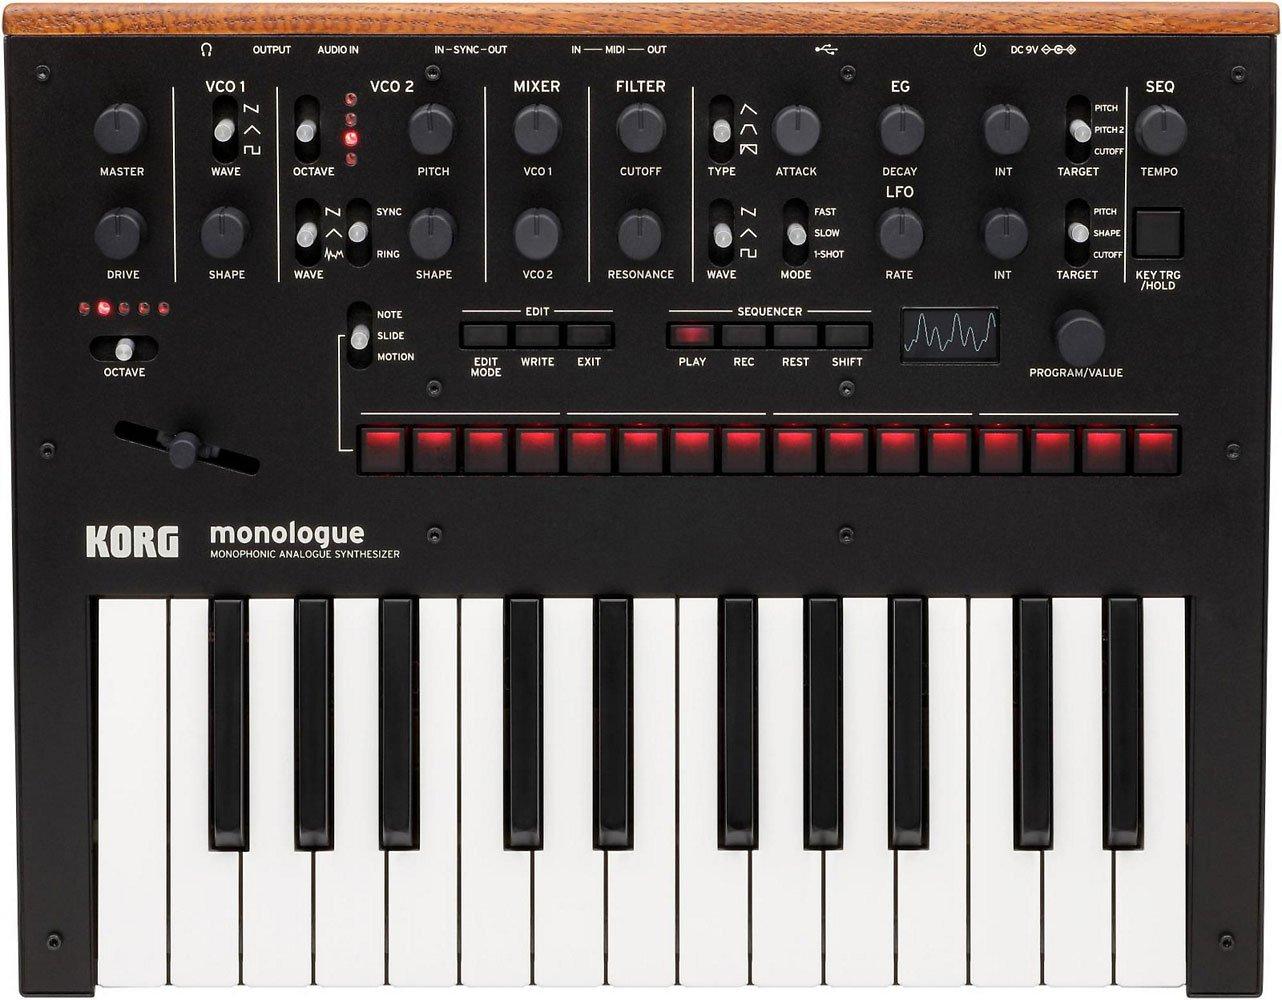 KORG Monologue 25-Key Compact Monophonic Analog Synthesizer - Black by Korg